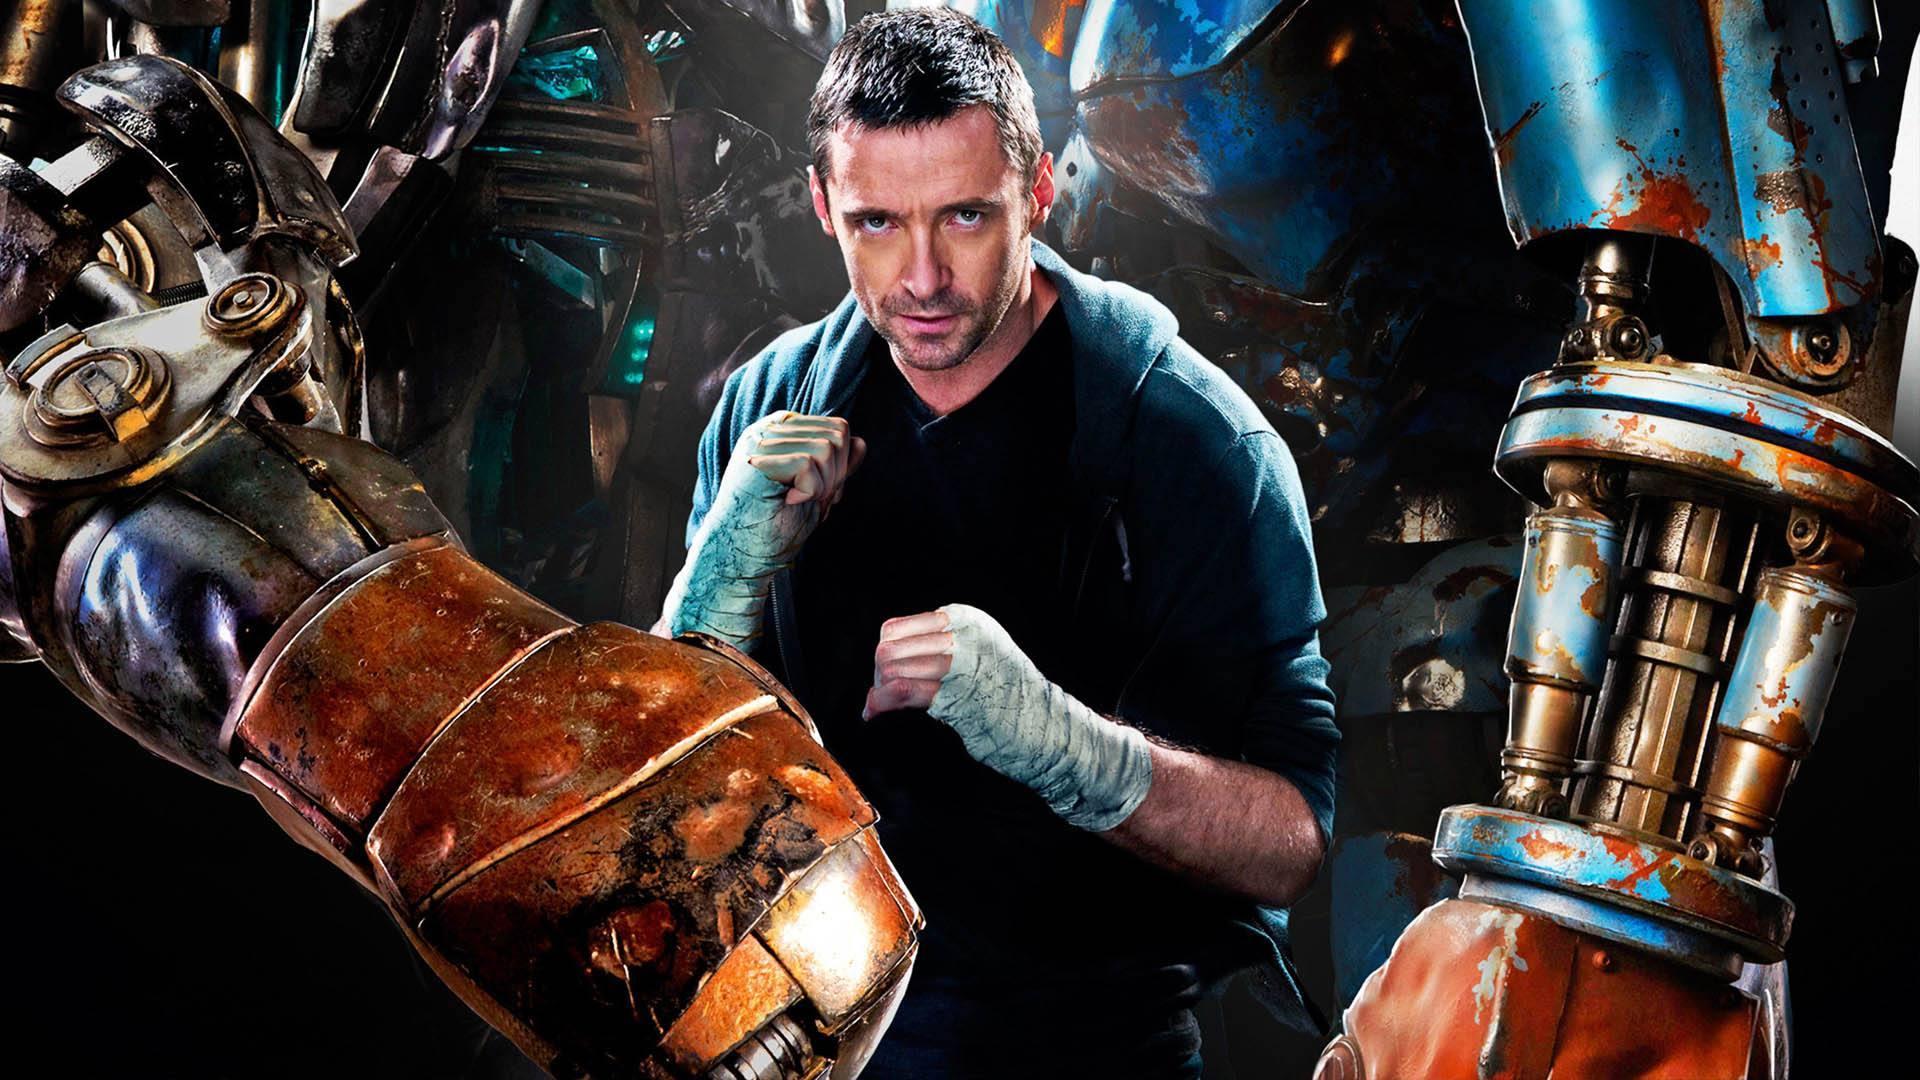 #科幻电影#几分钟看完科幻电影《铁甲钢拳》,看狼叔怎么挑战机器人冠军